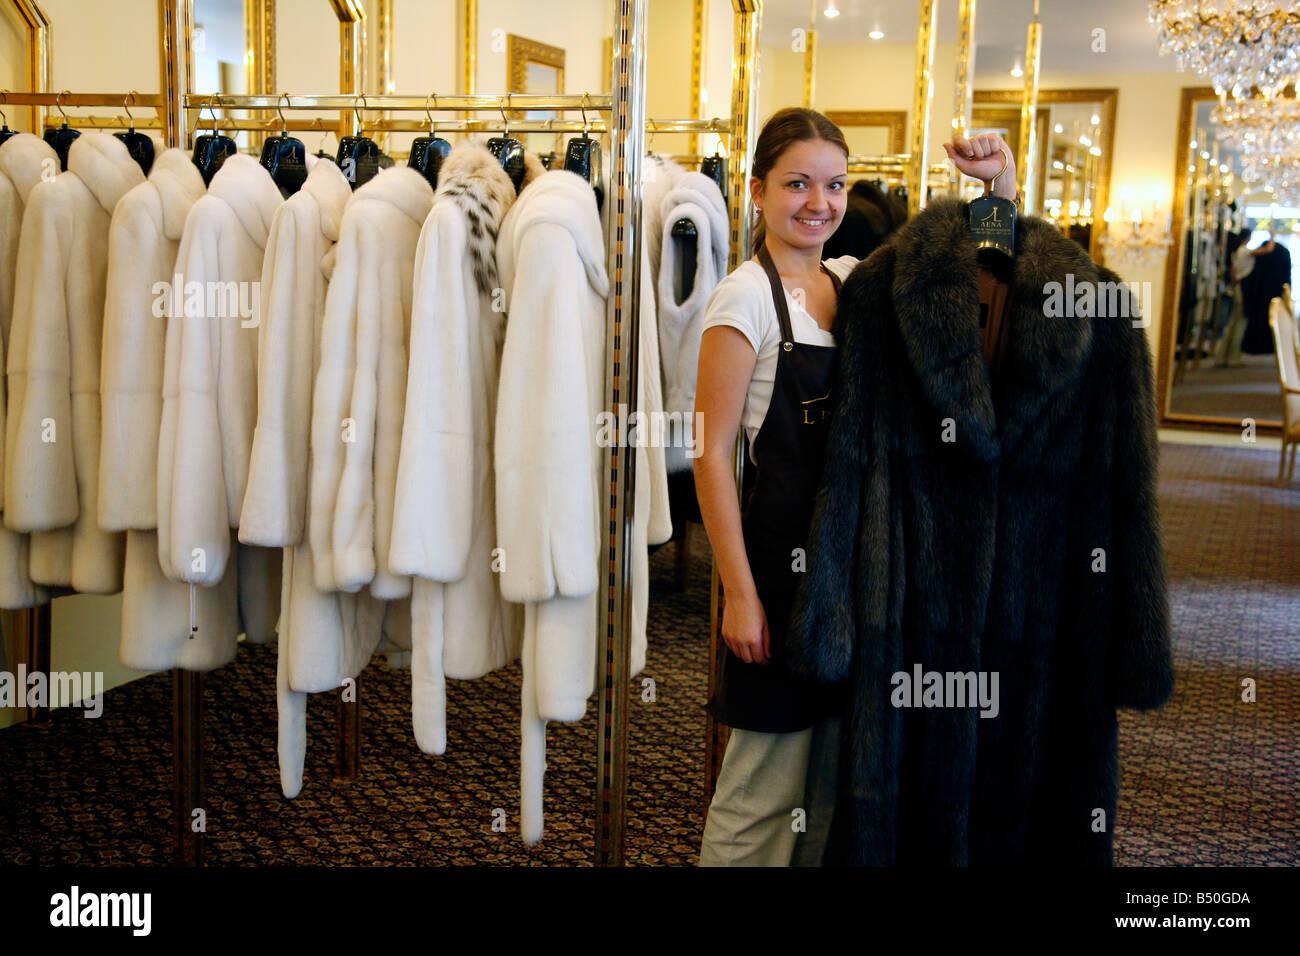 Ago 2008 - Mujer sosteniendo un sable abrigo de pieles que costó 300 000 euros en el exclusivo boutique Lena Imagen De Stock